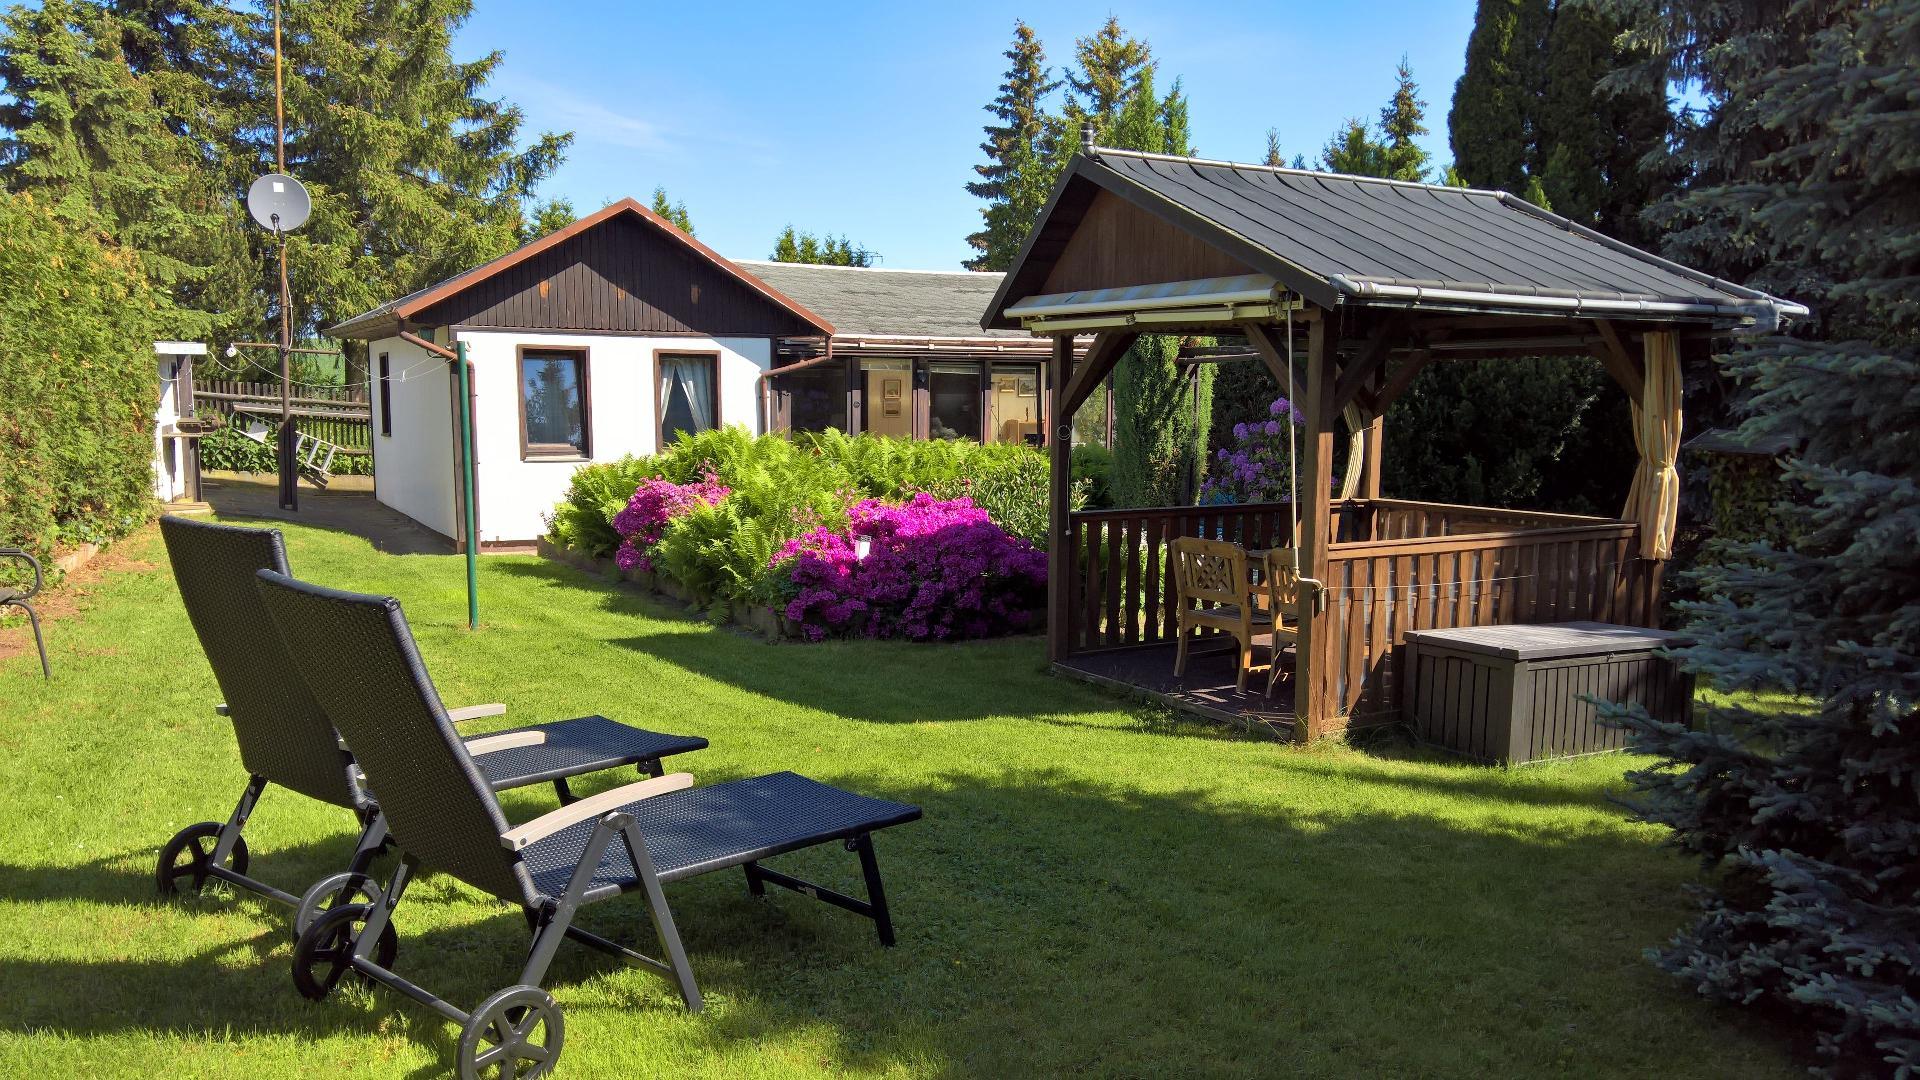 Ferienhaus mit Privatpool für 2 Personen ca.   in Sachsen